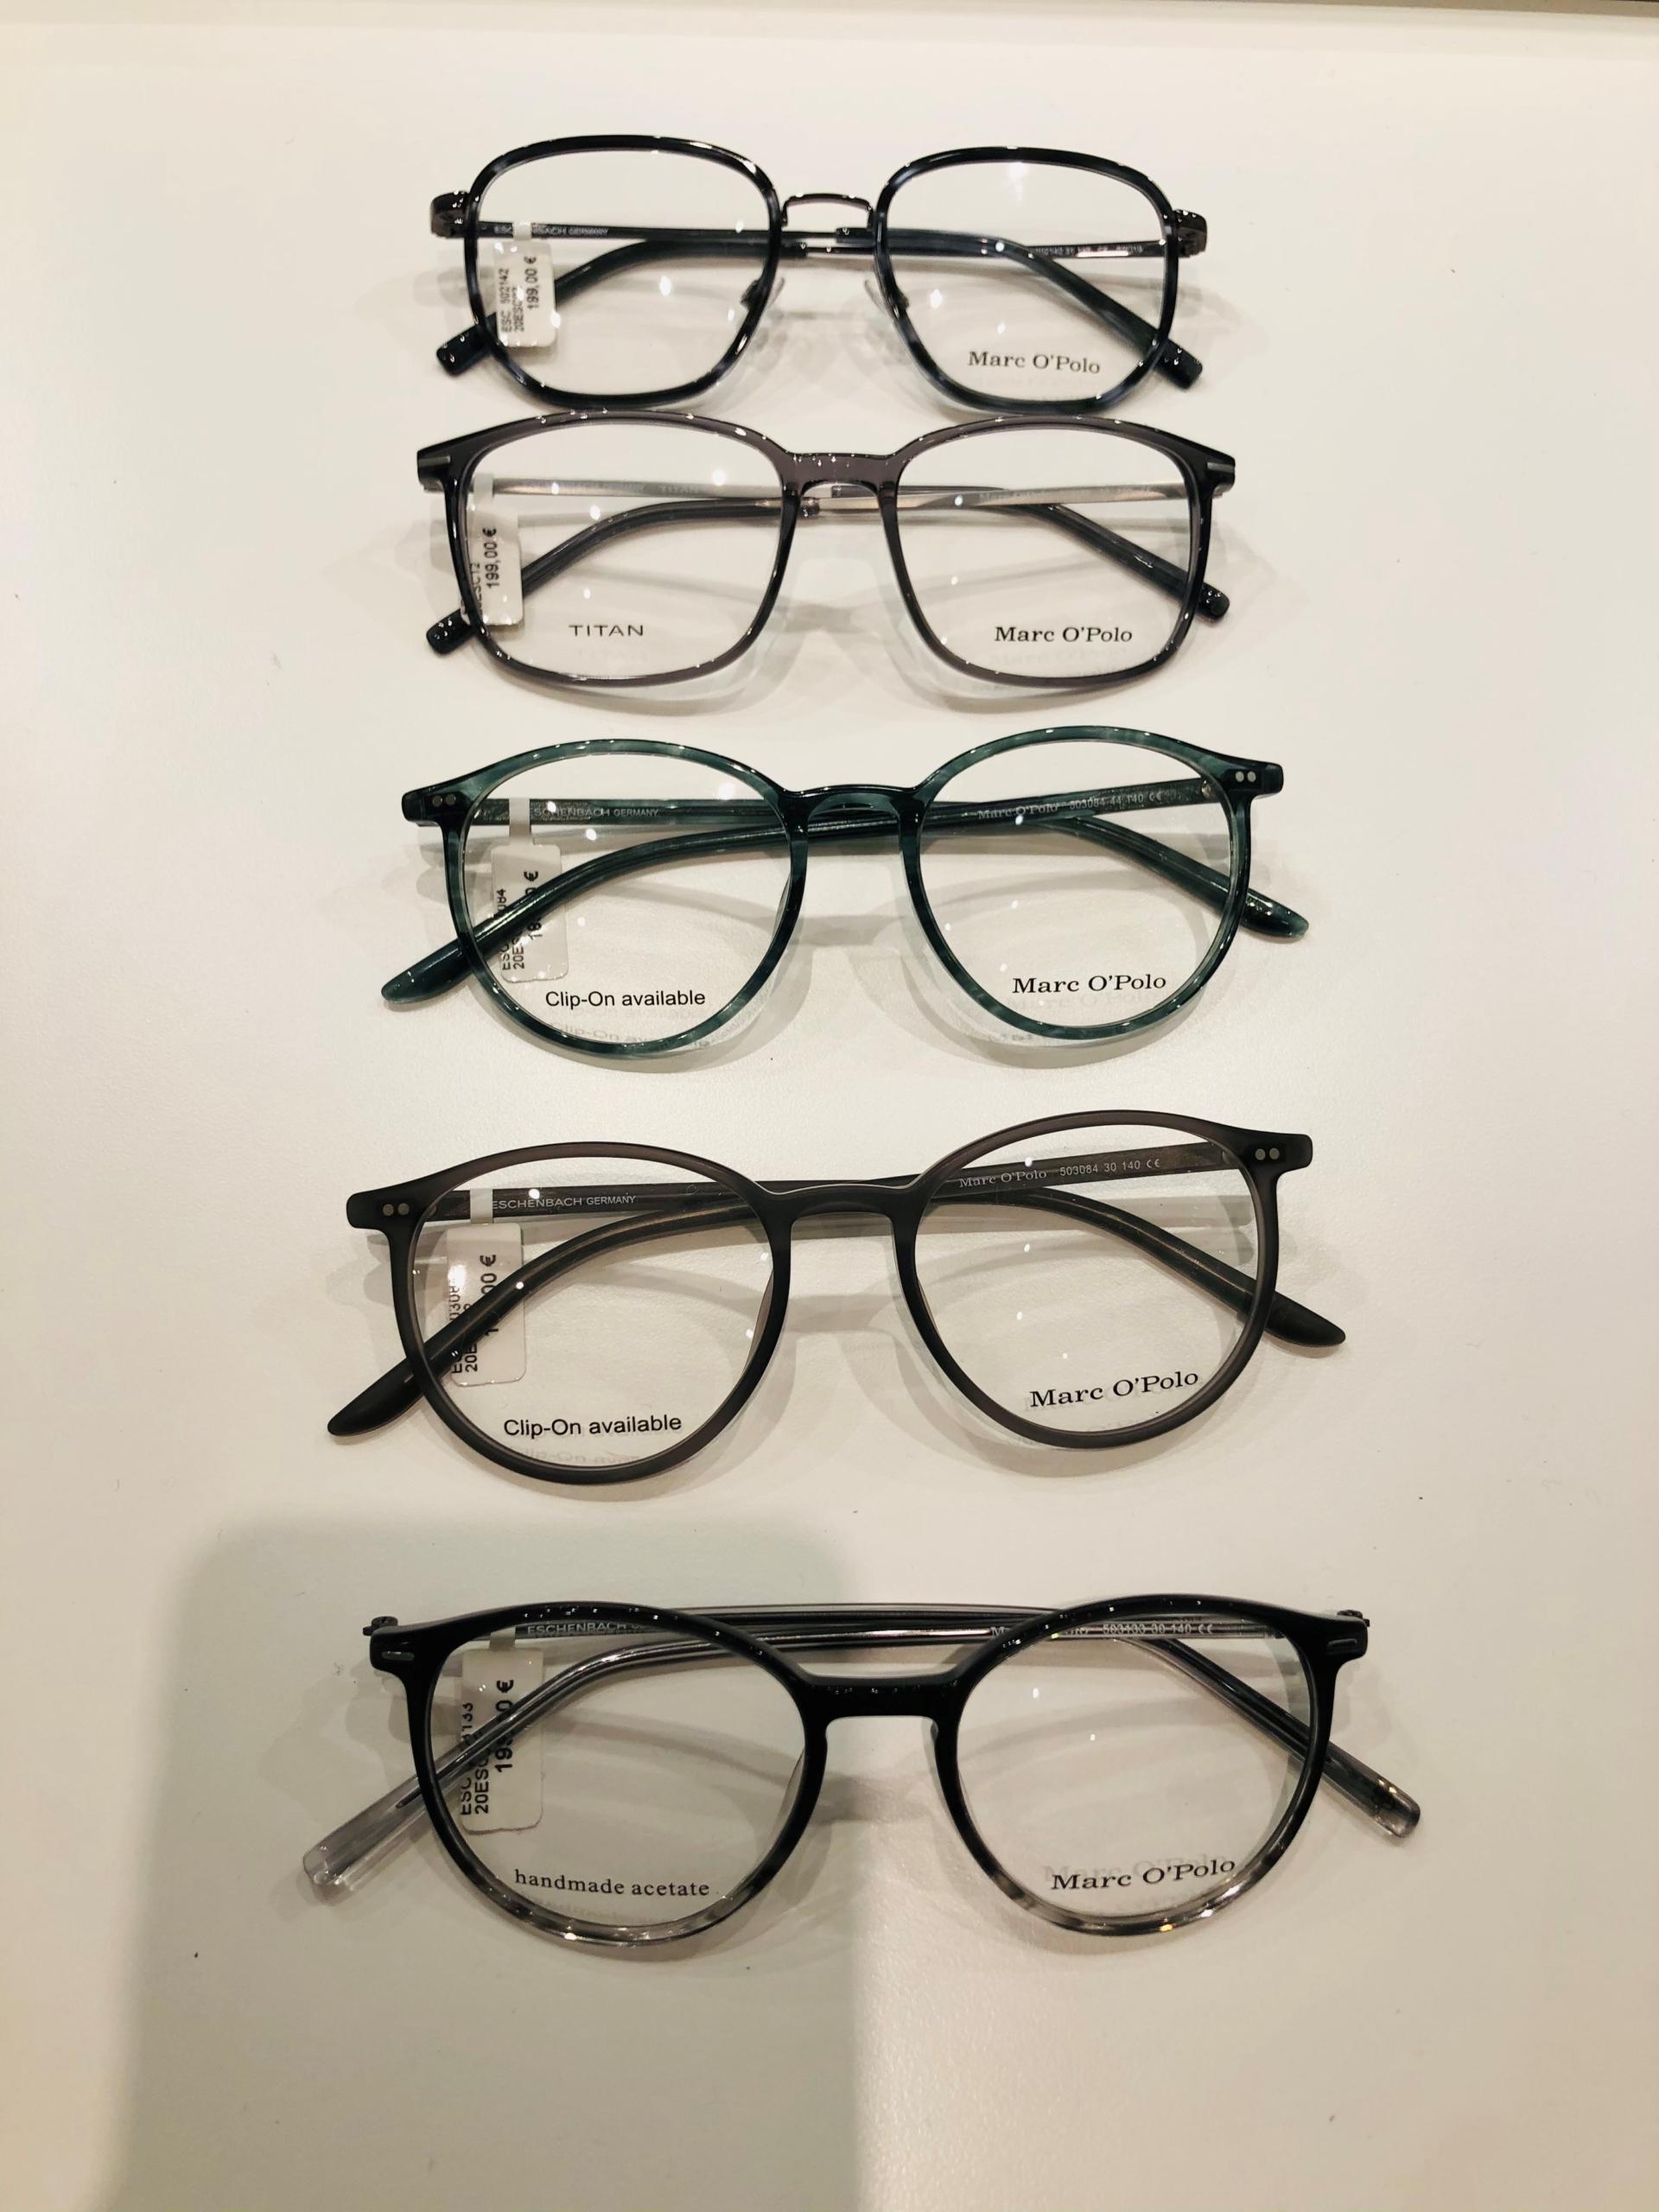 3_Schaufenster online_03012021_Optiker Augensache Brille Kontaktlinse Friedberg_ESCADA_MARC OPOLO